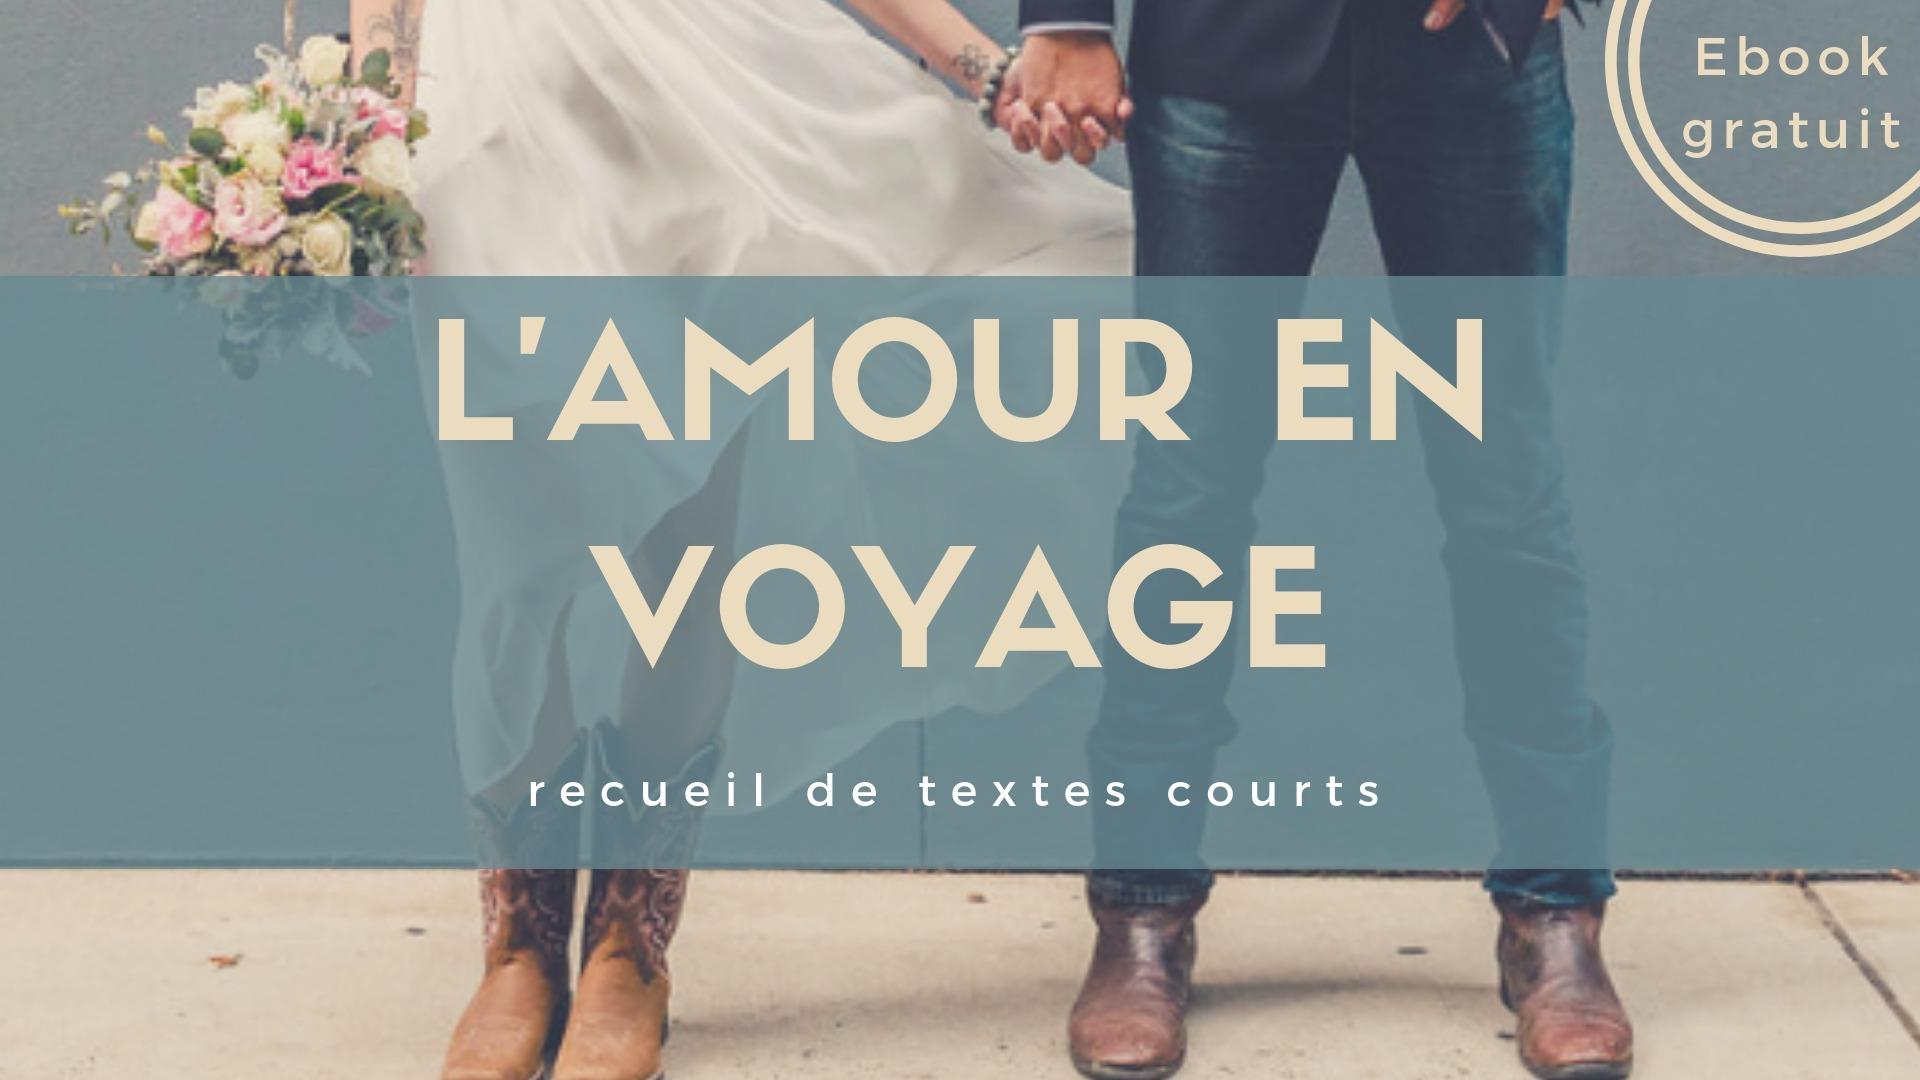 L'amour en voyage - Ebook gratuit